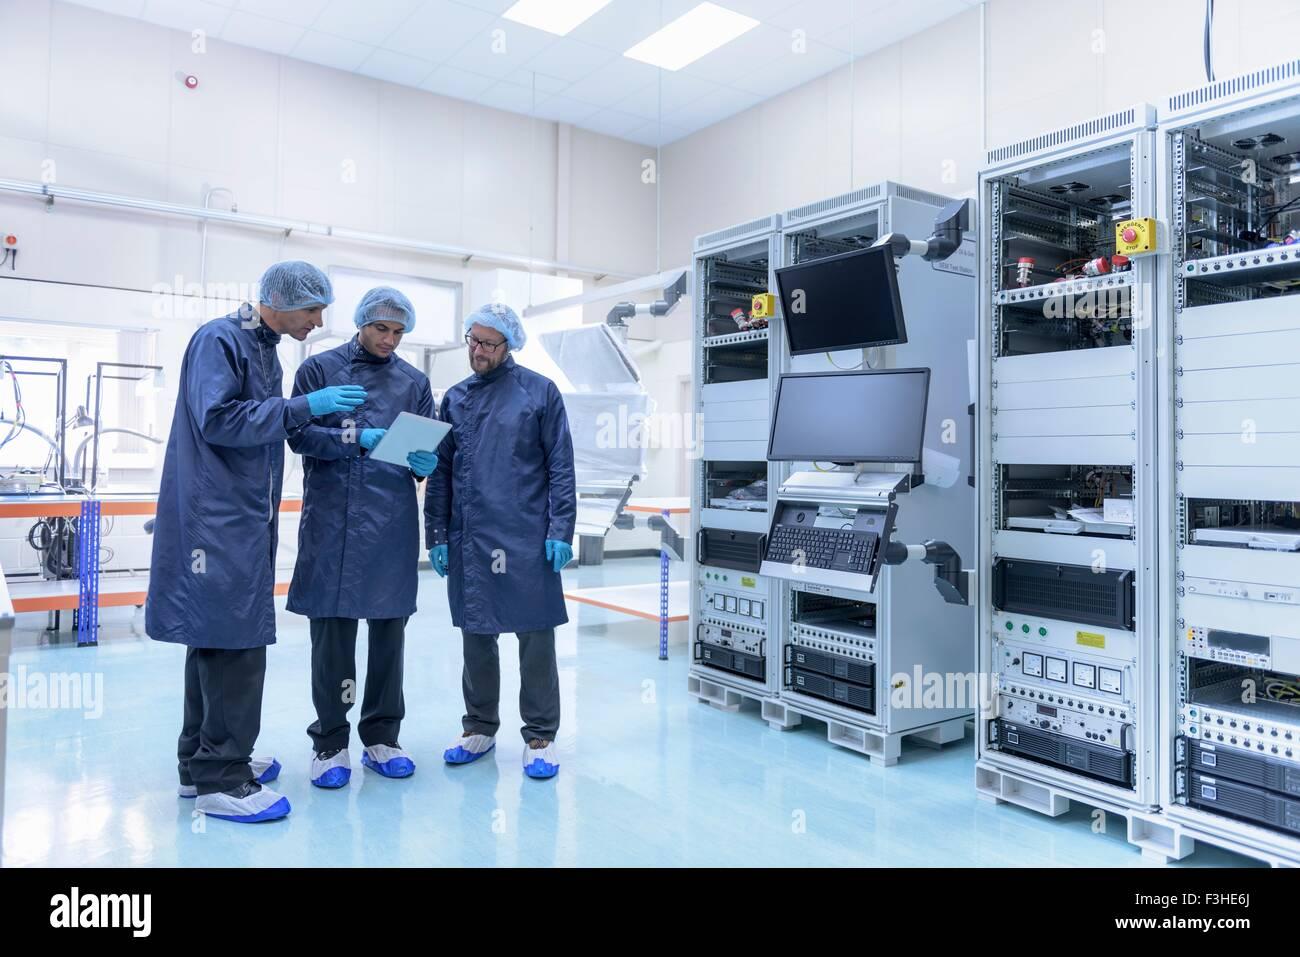 Lavoratori in camera pulita in fabbrica di componenti elettronici Immagini Stock